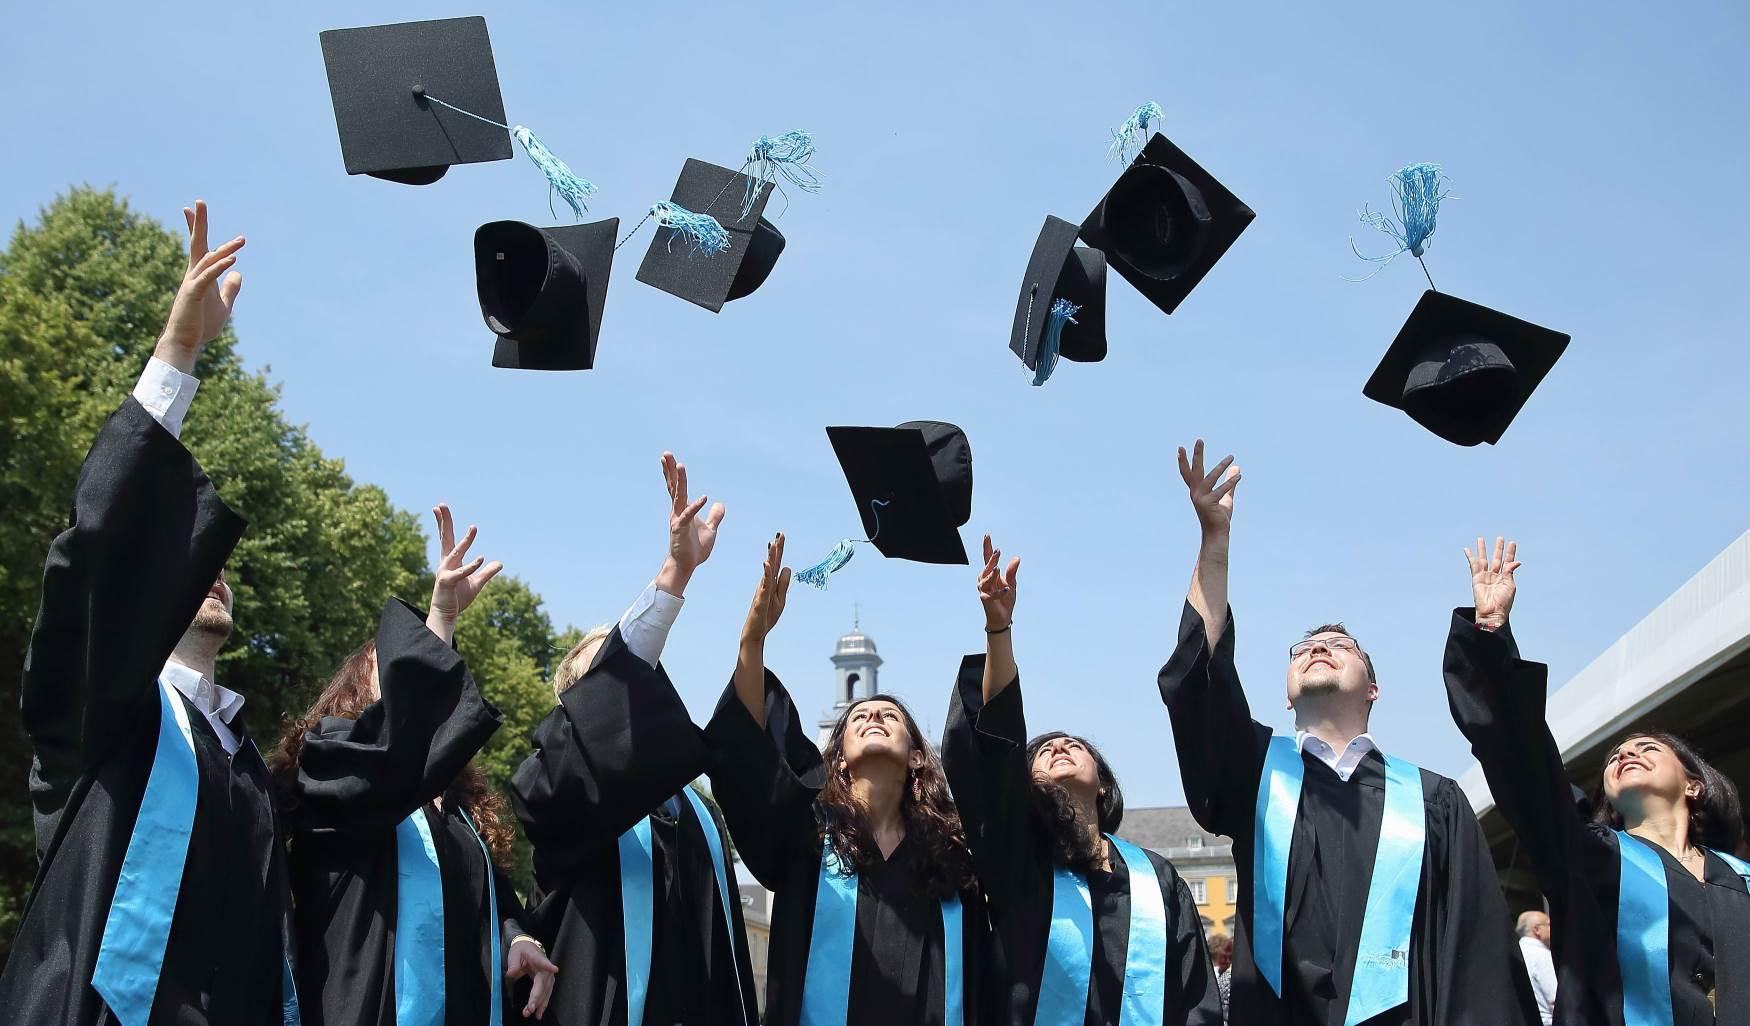 حفل عن بعد احتفاءً بـ52 طالب يمني حصلوا على شهادة الدكتوراه من الجامعات المغربية